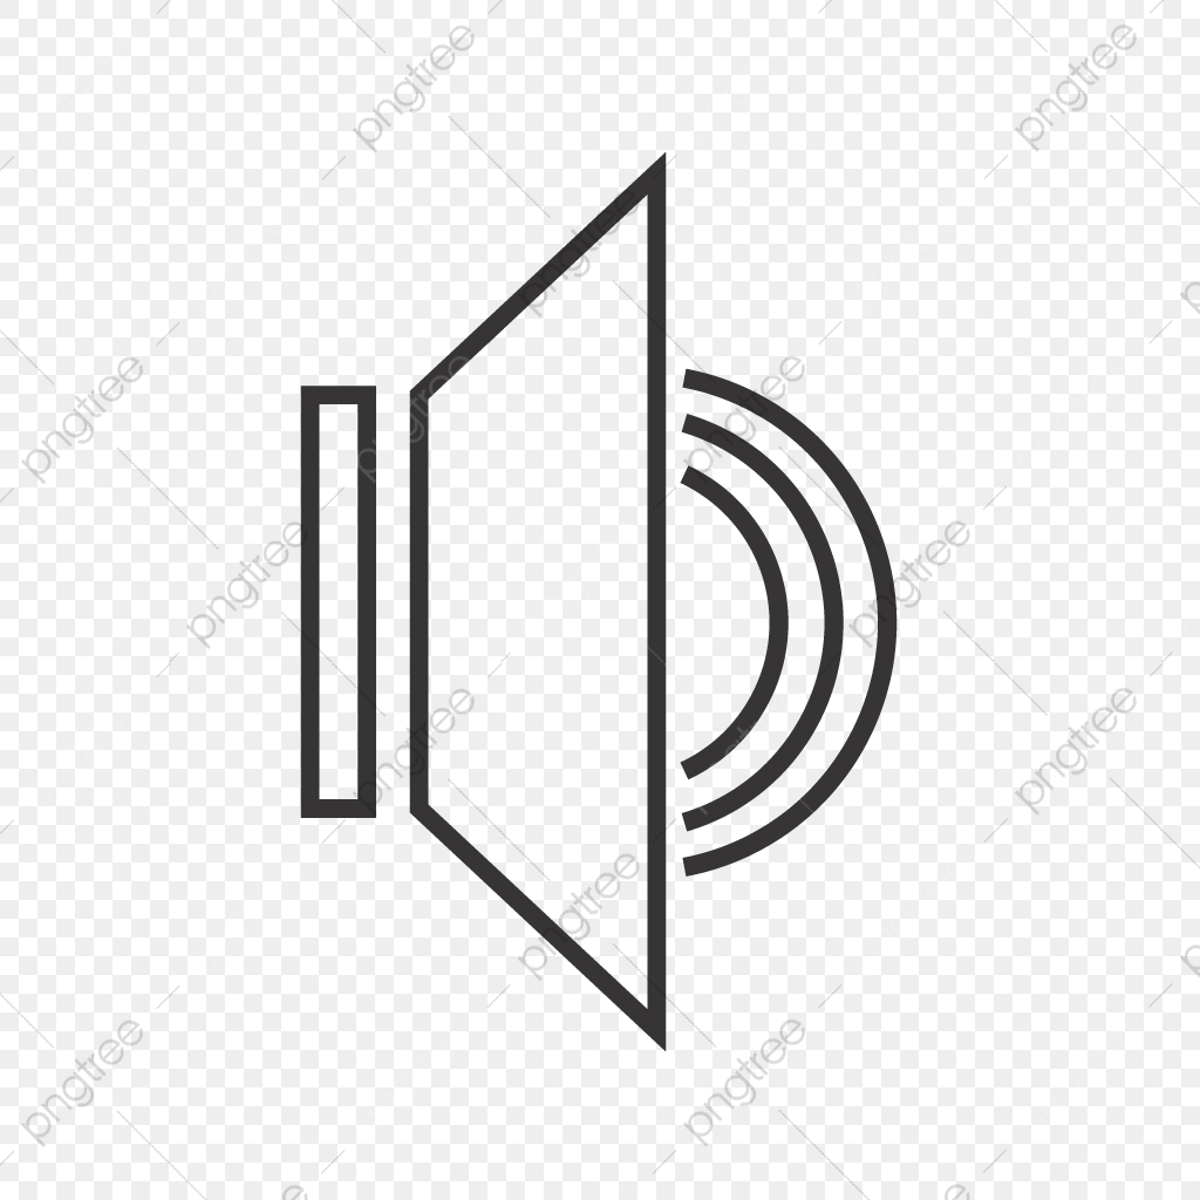 Speaker Line Black Icon, Speaker, Loud, Loud Speaker PNG and Vector